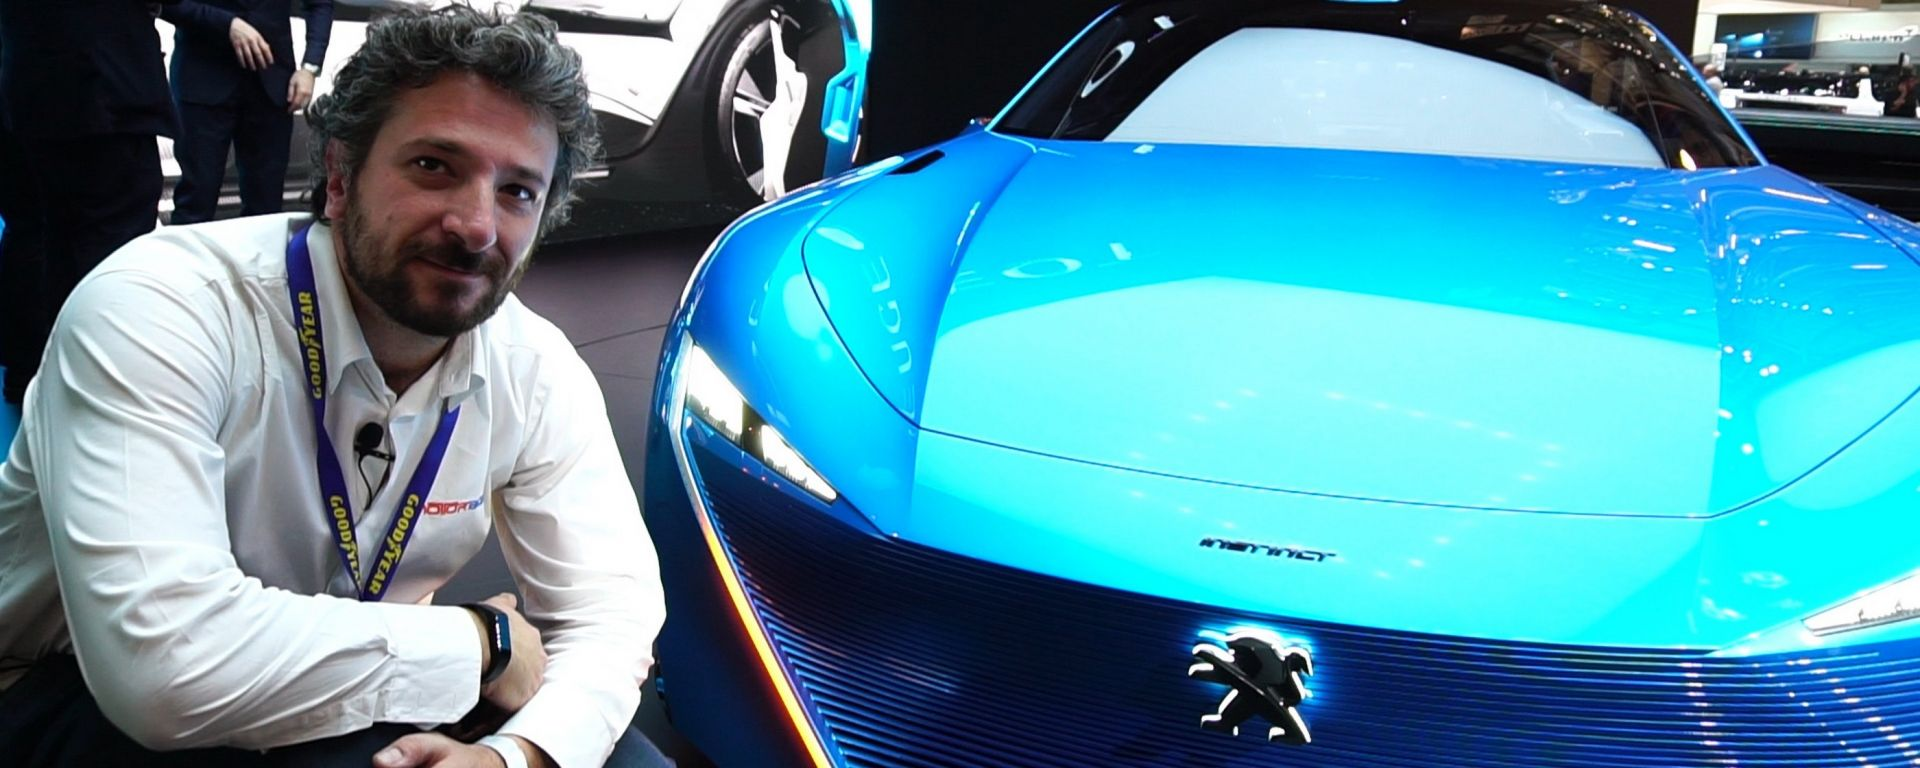 Peugeot Instinct Concept, Salone di Ginevra 2017, live dallo stand Peugeot